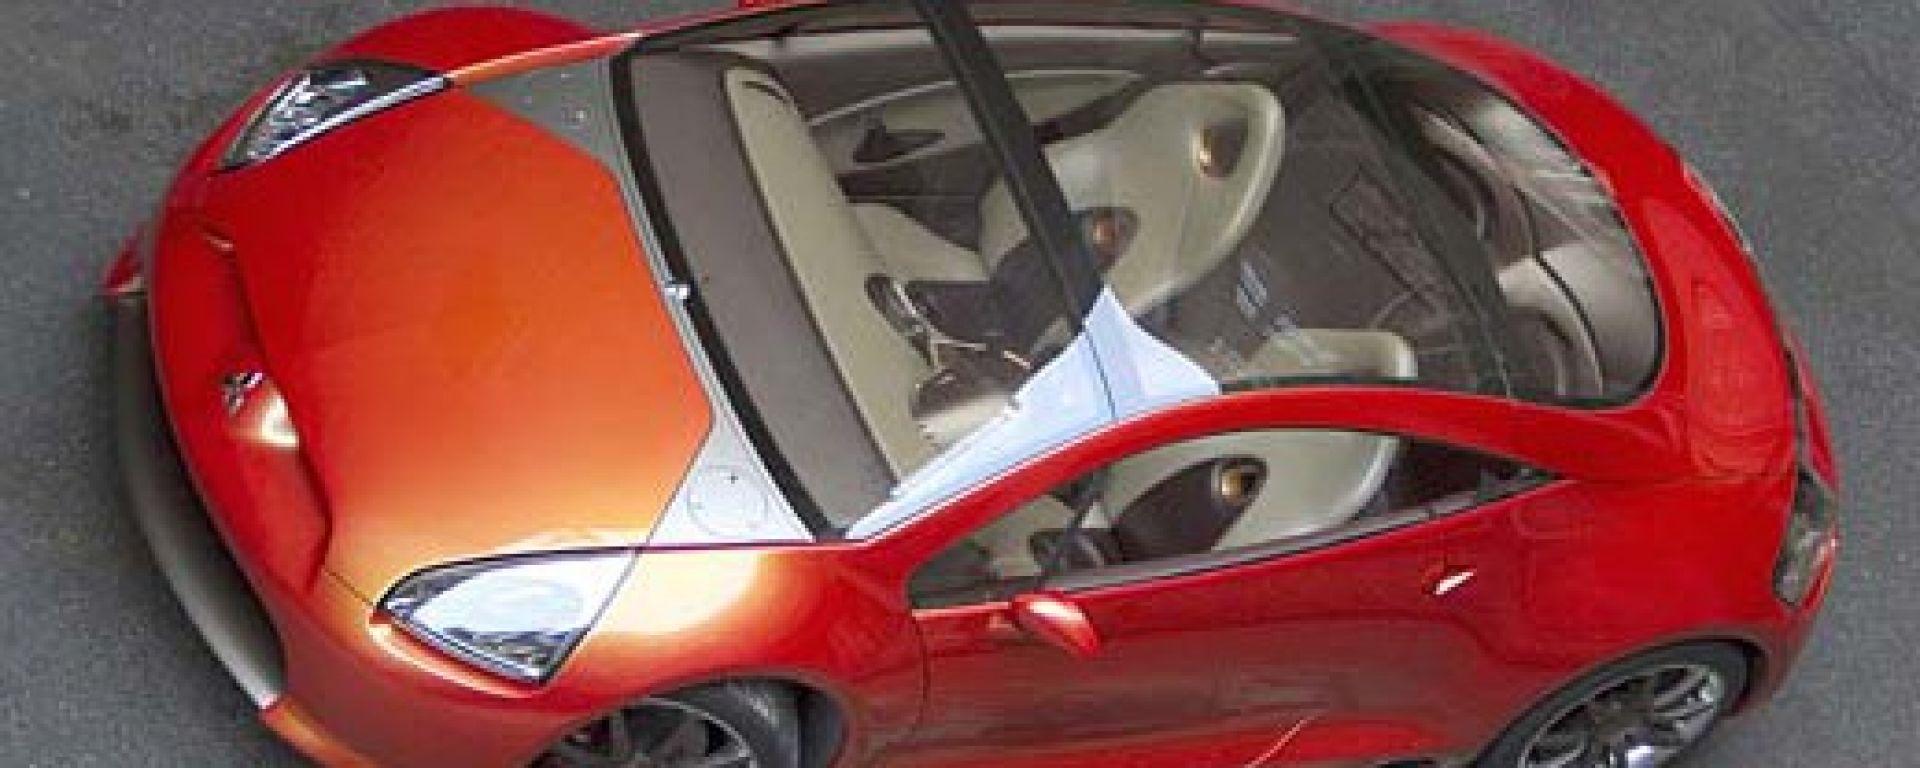 Anteprima:Mitsubishi Eclipse Concept-E